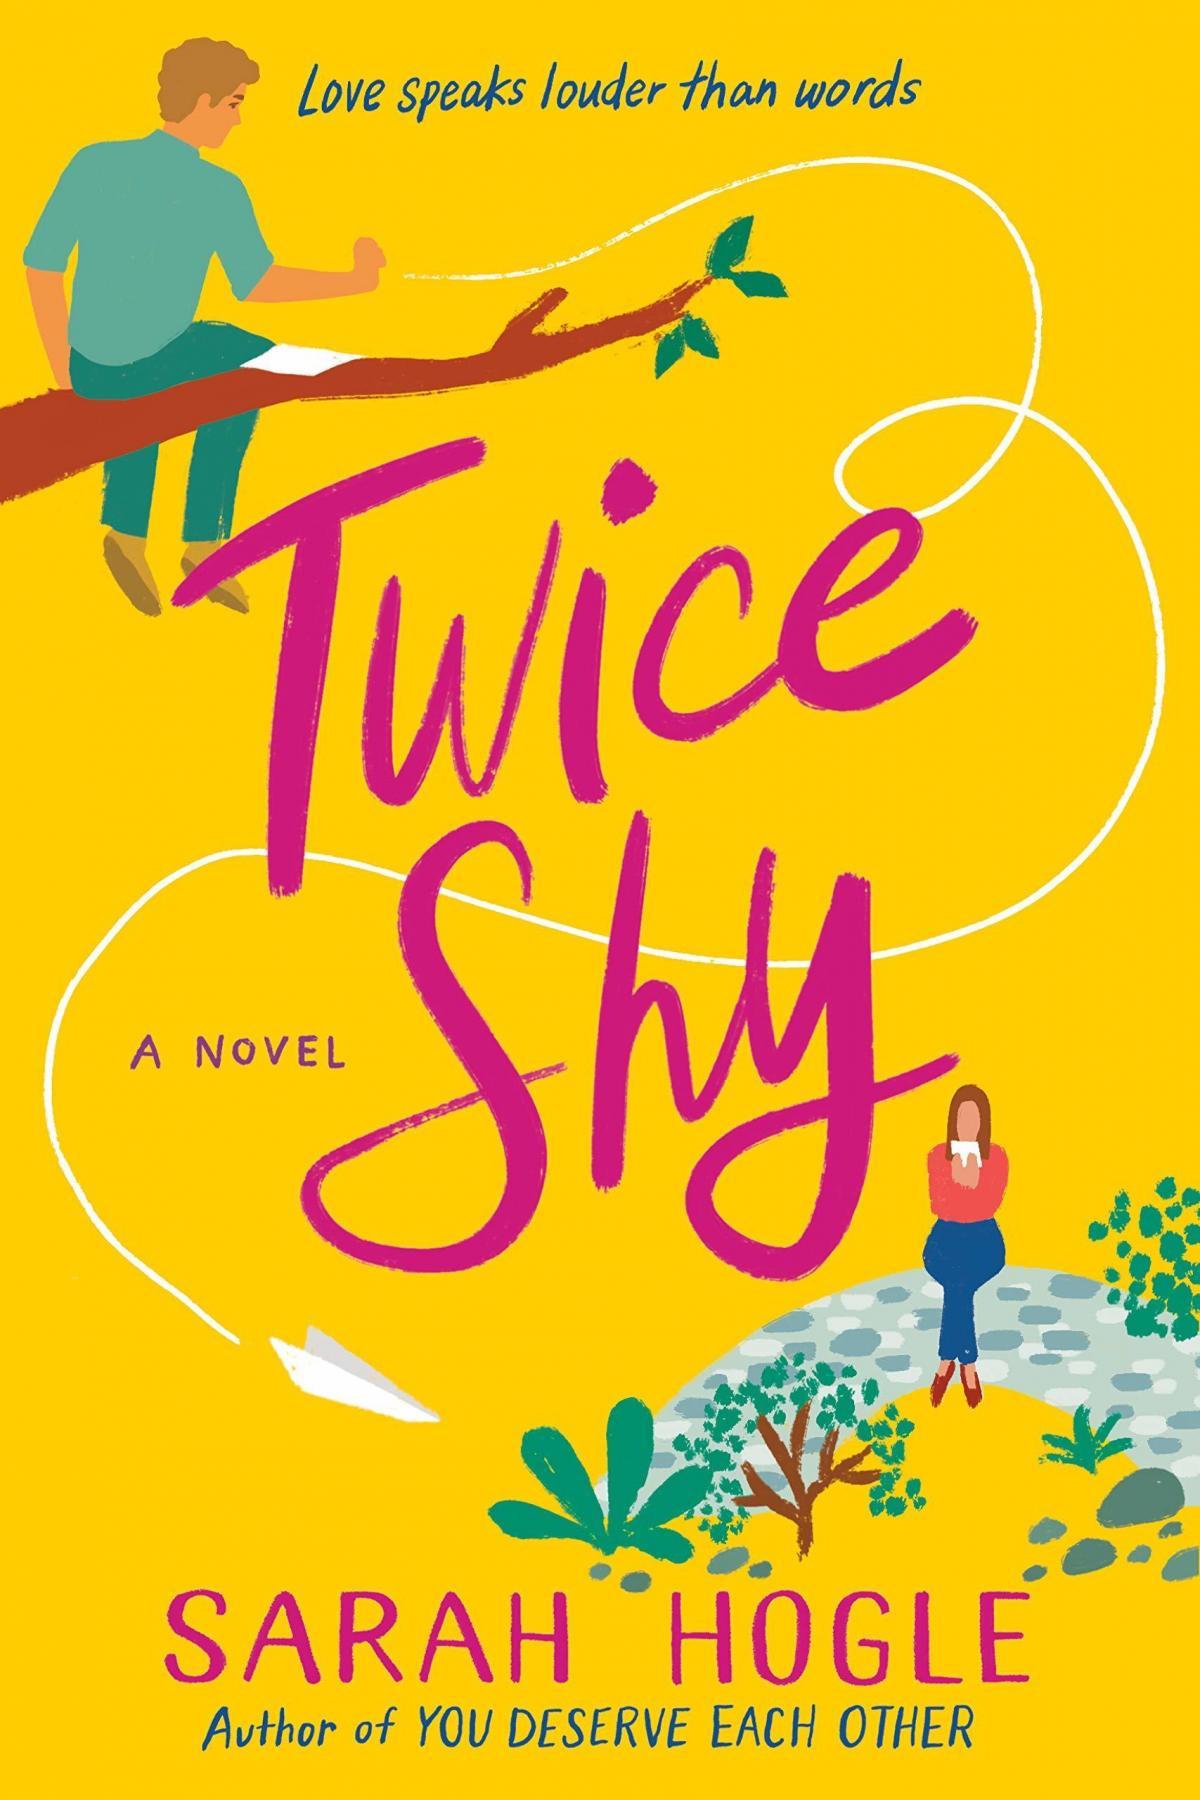 Twice Shy, by Sarah Hogle